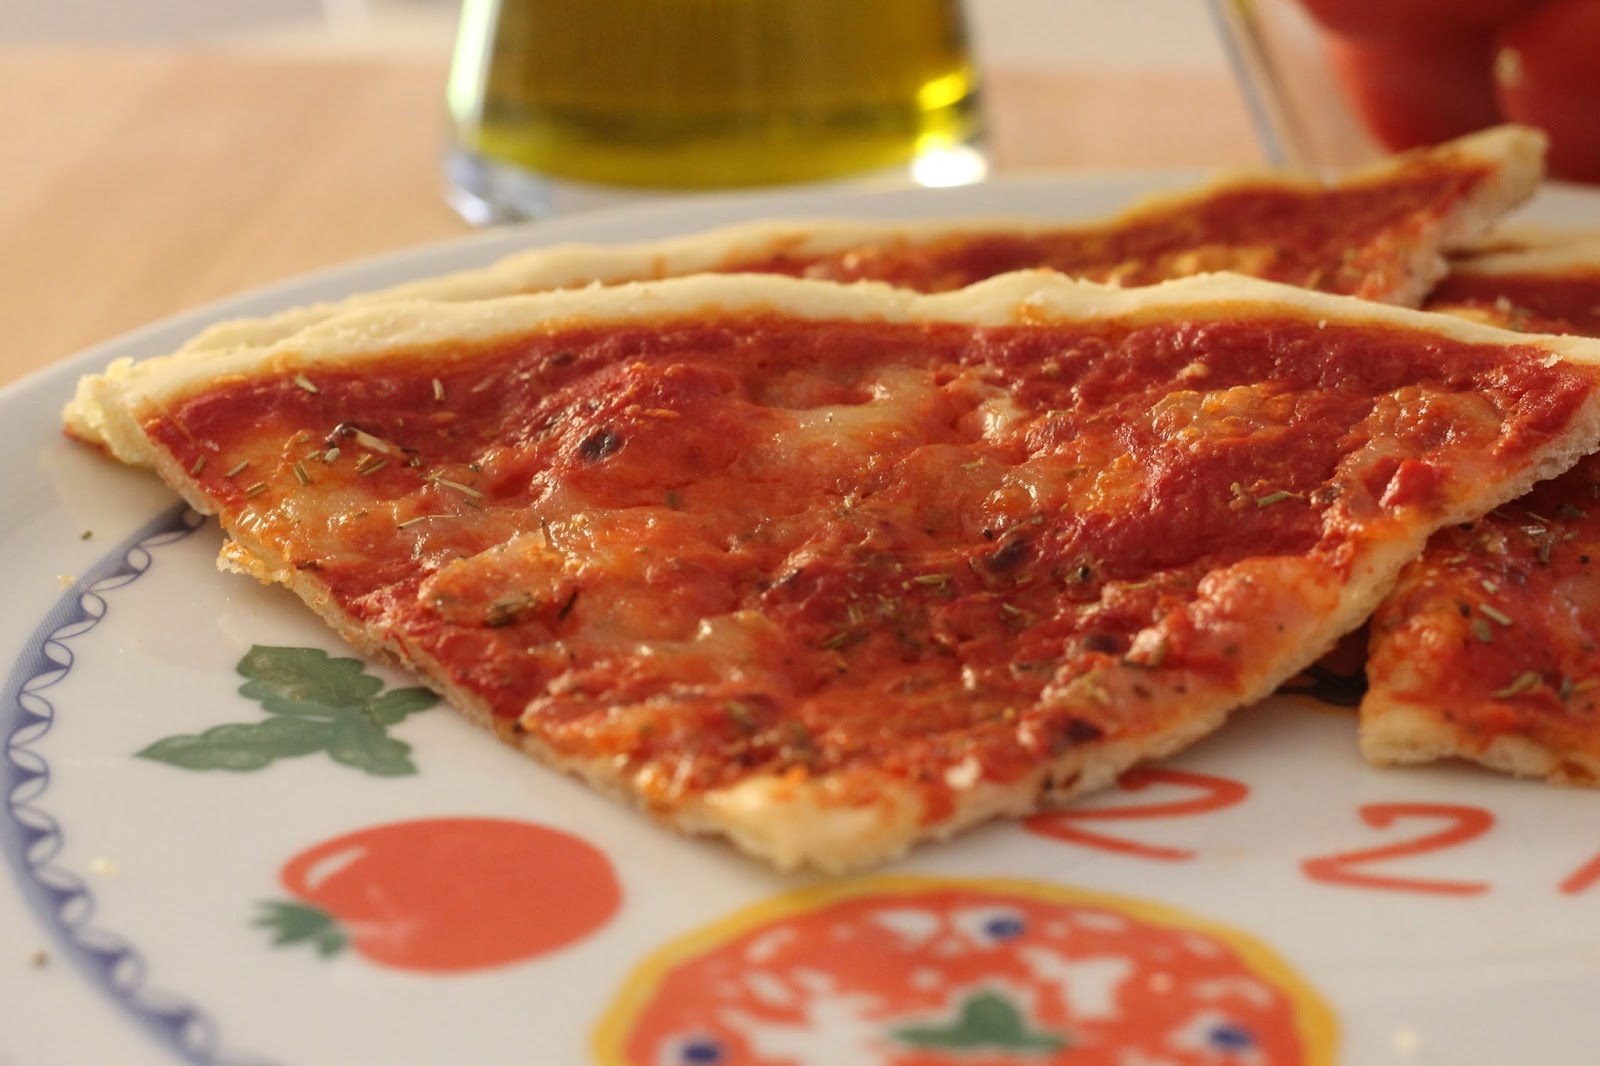 et voilà, une belle recette de pizza sans gluten